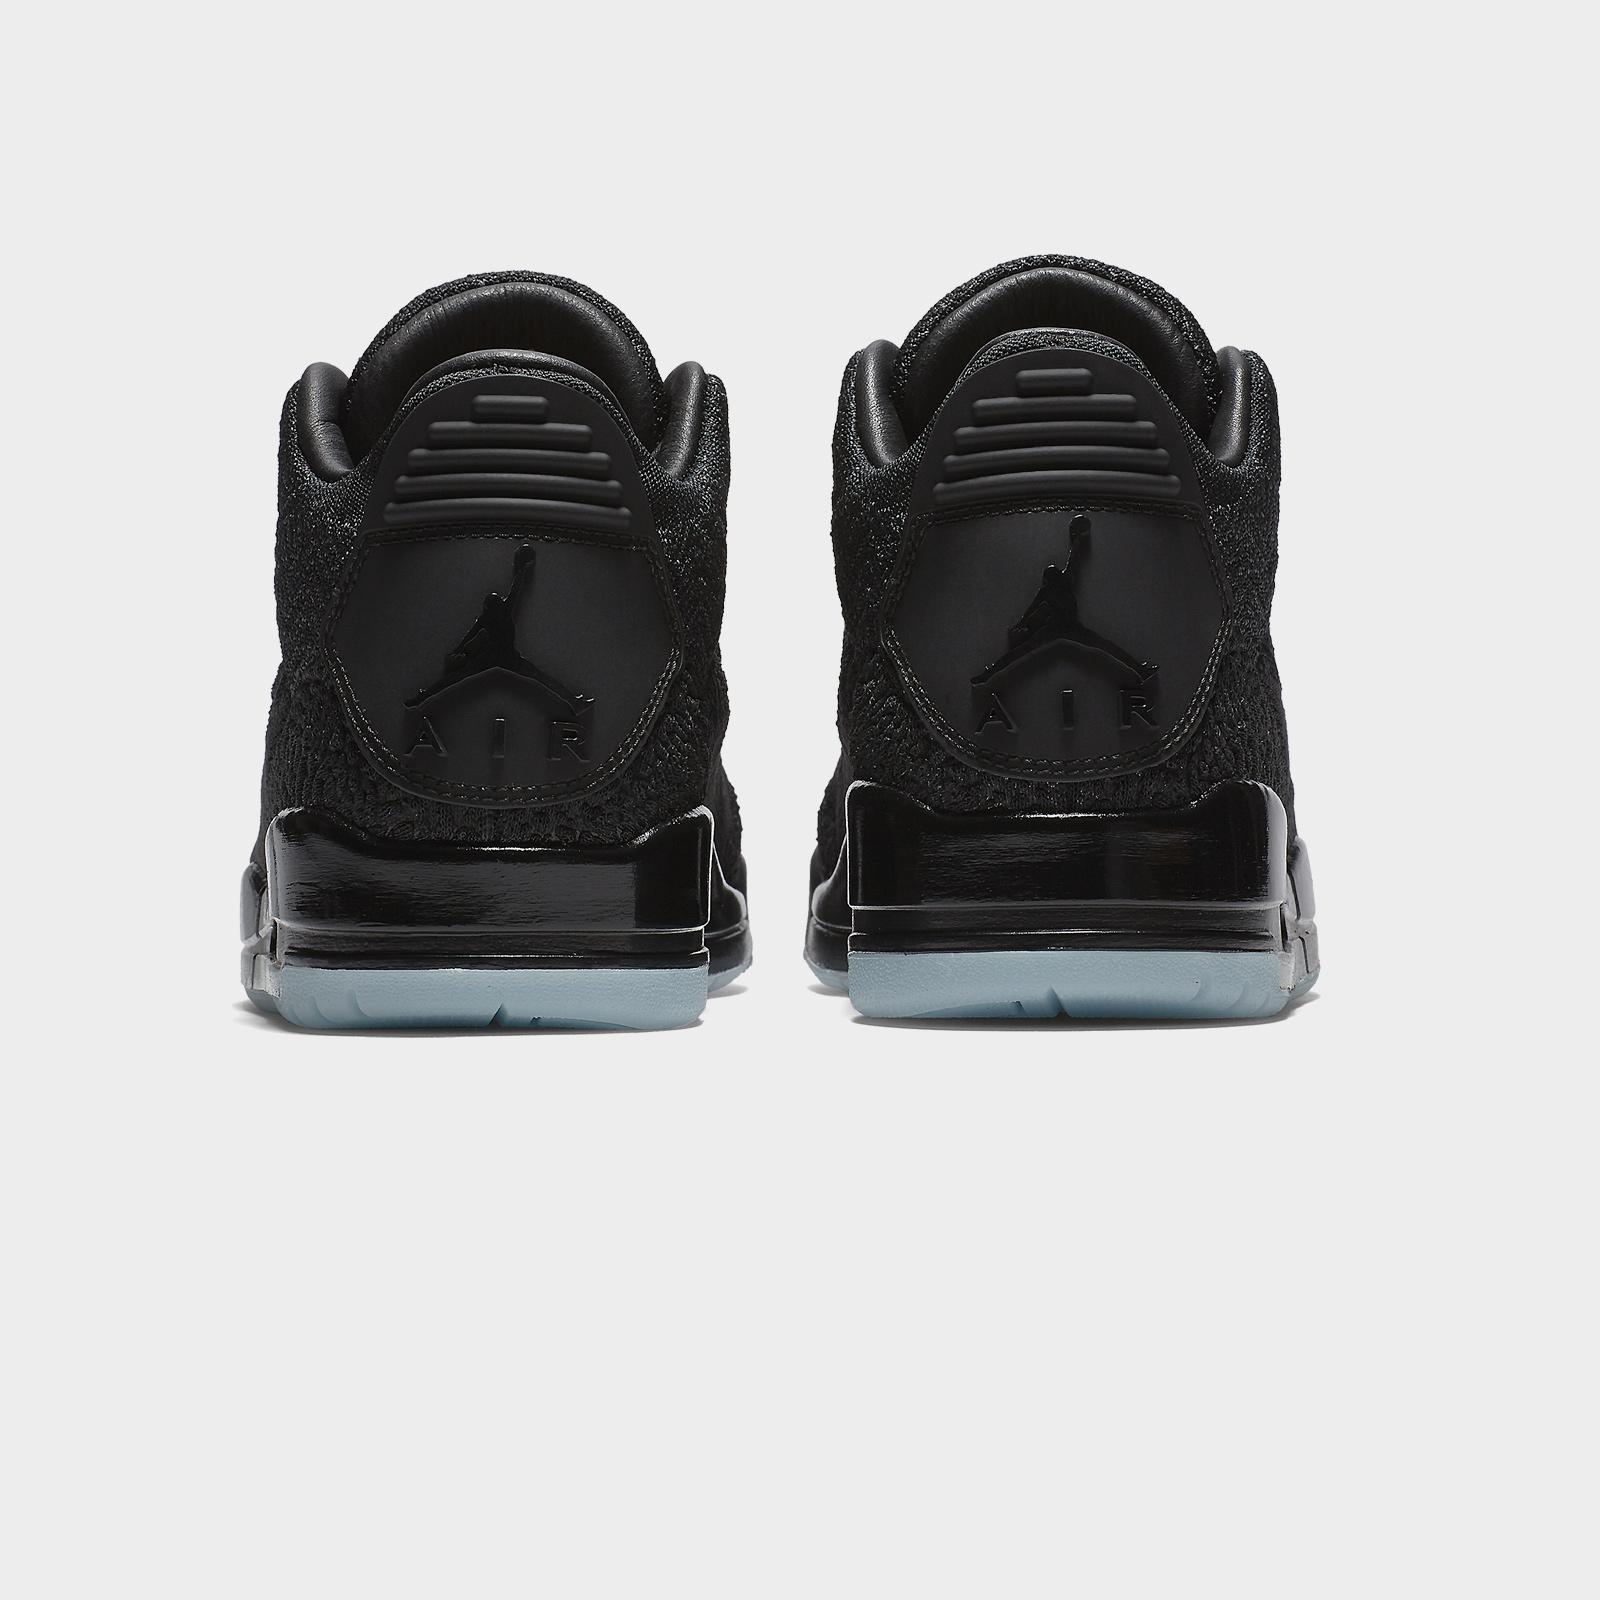 Jordan Brand Air Jordan 3 Retro Flyknit - Aq1005-001 ... 4418210e3